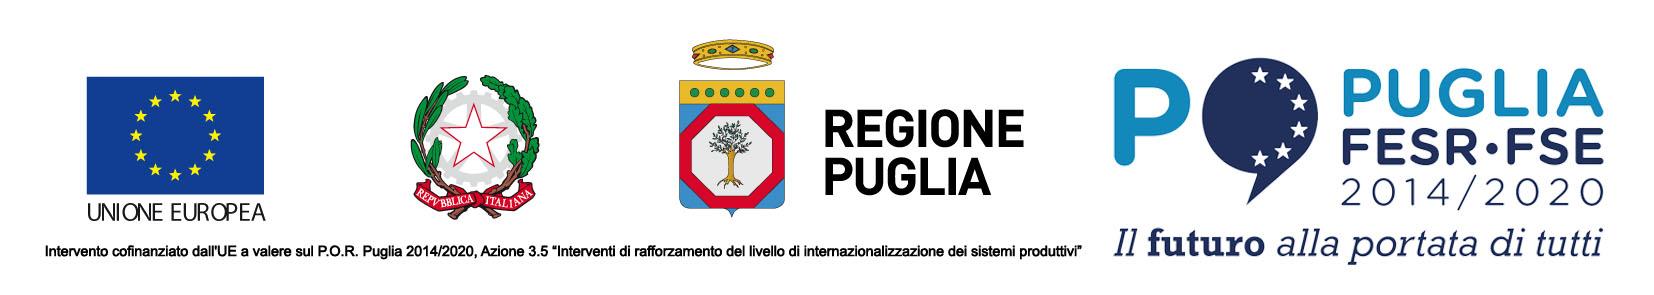 Rocalia Expo Lione 2019 Loghi Regione Puglia